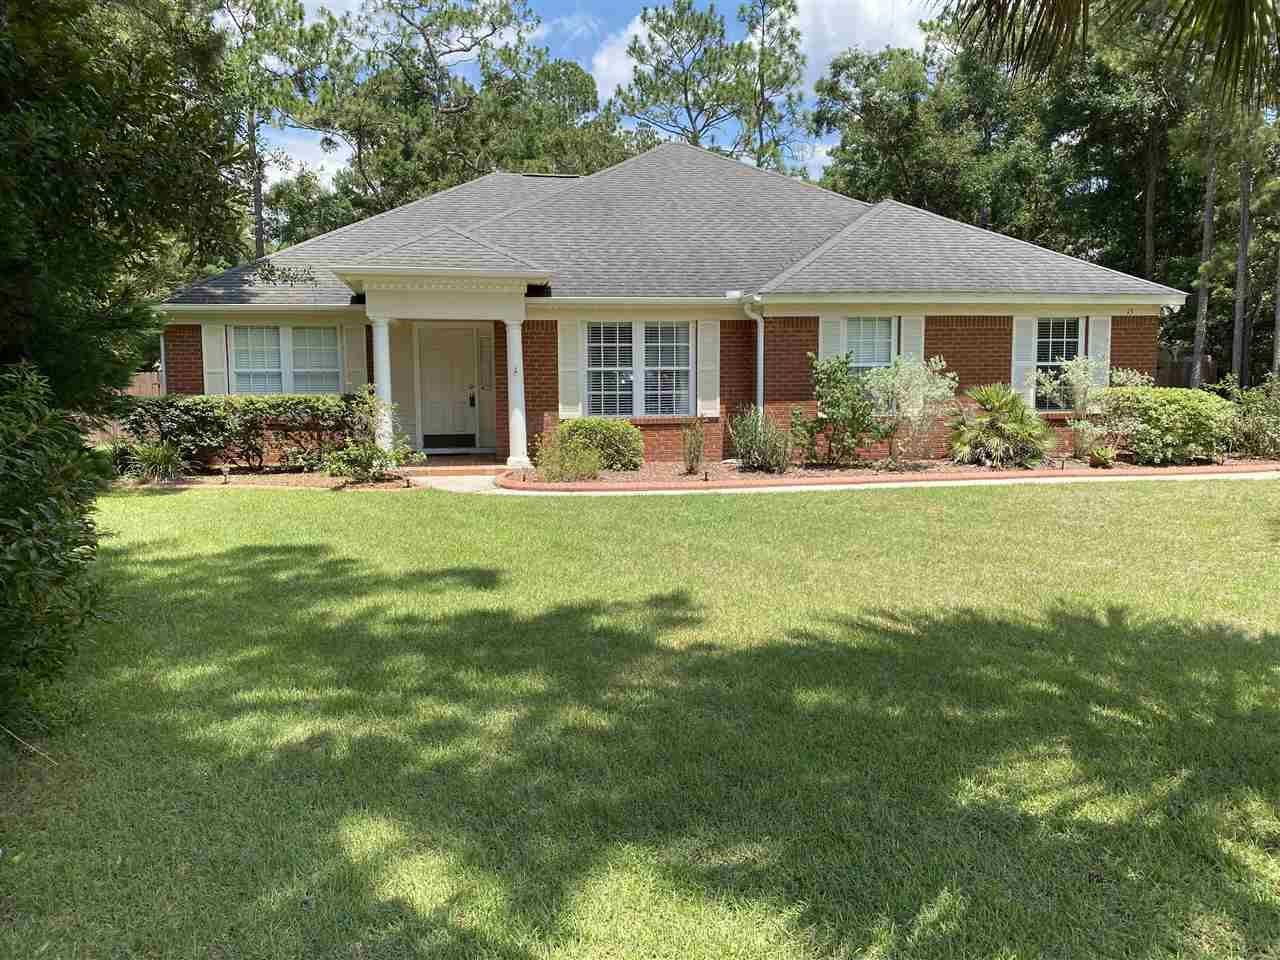 15 BELMONT Court, Crawfordville, FL 32327 - MLS#: 335297